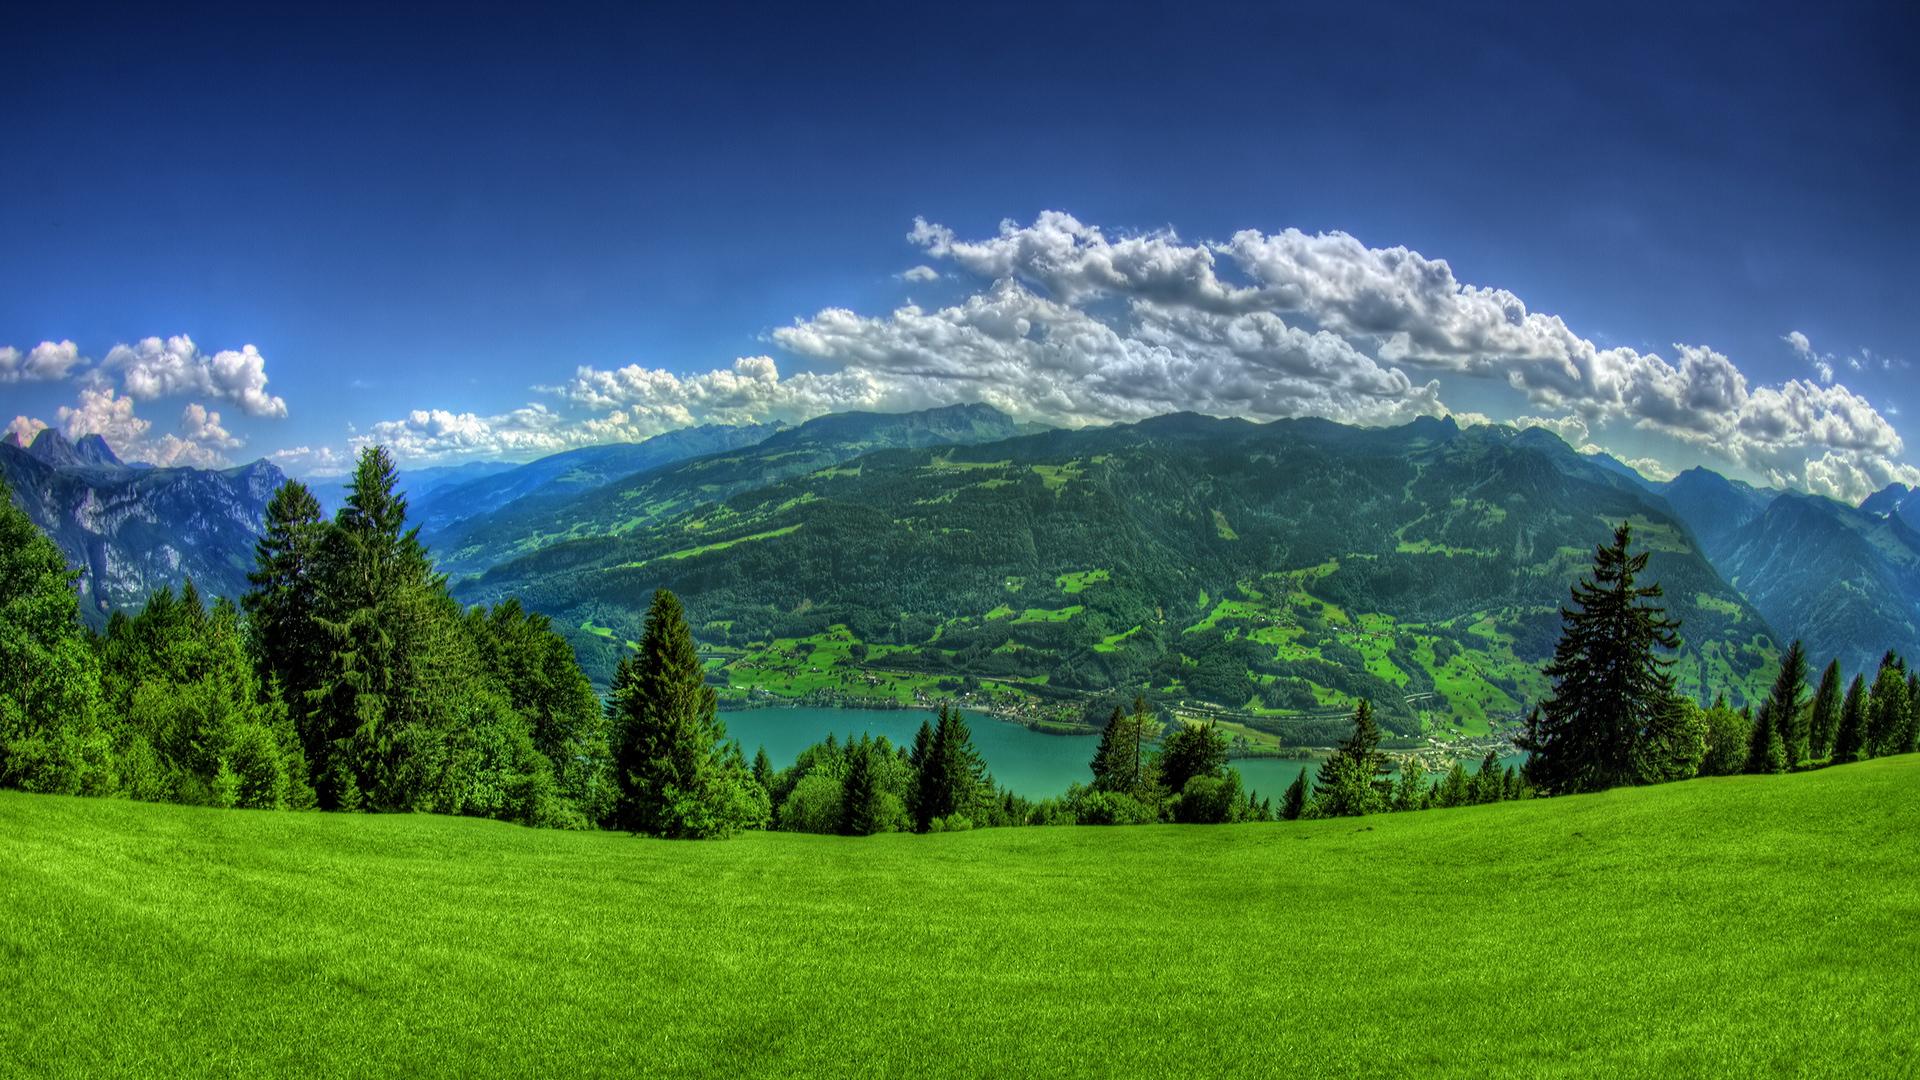 自然风景超清图片